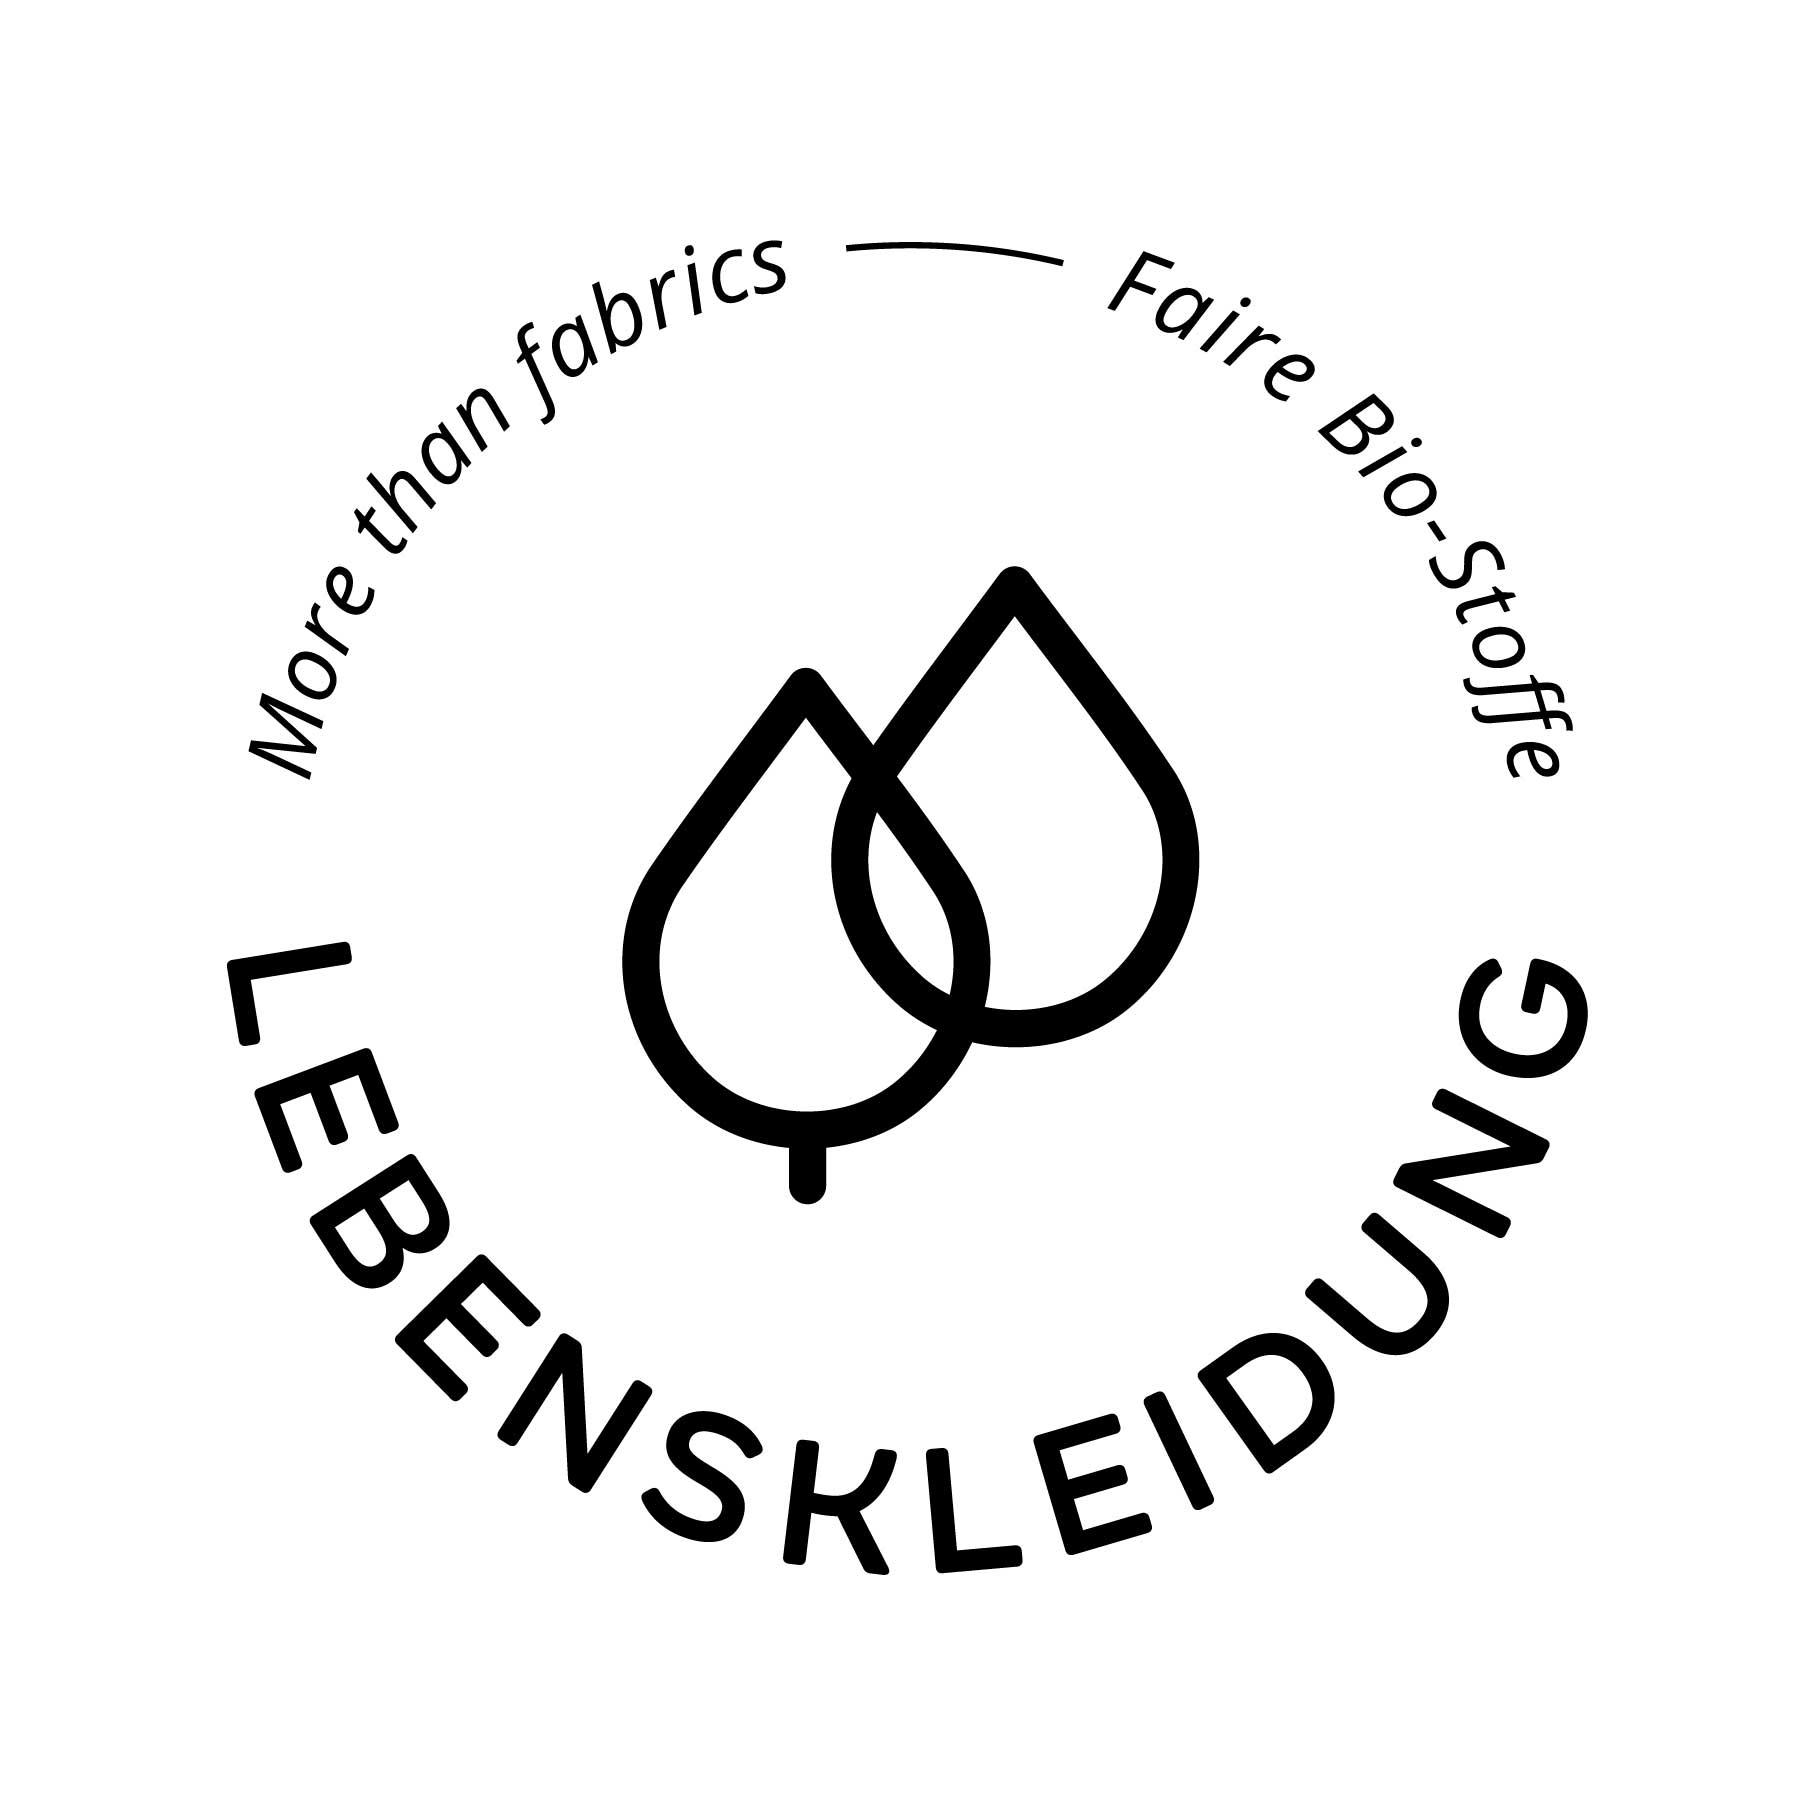 Bio Cretonne - impression numérique